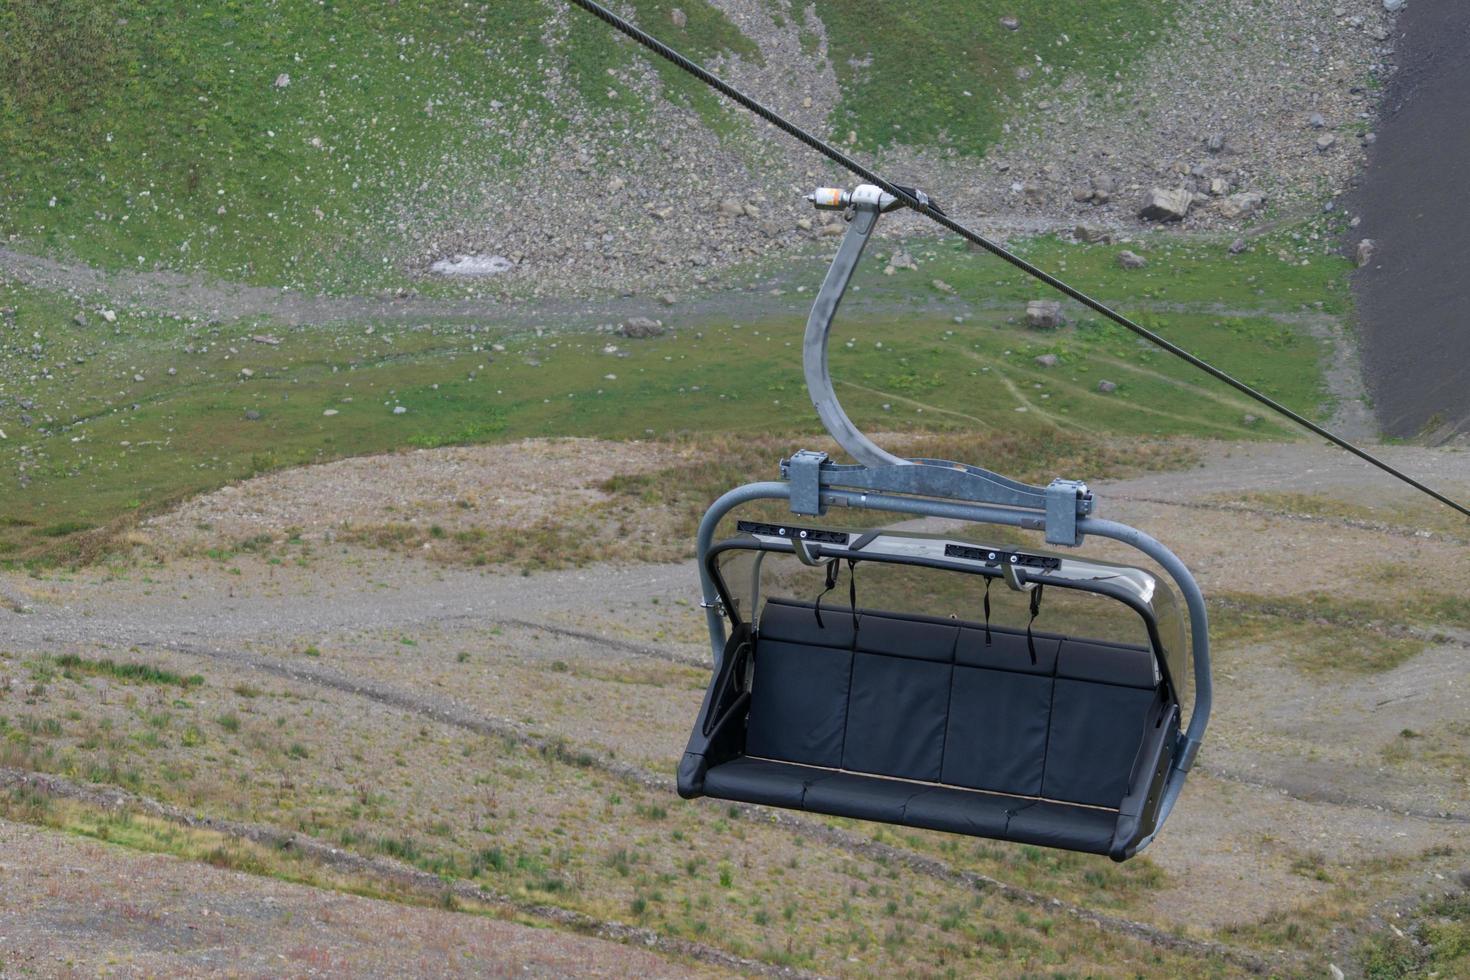 Silla de elevación de esquí en un cable con la montaña en el fondo en Sochi, Rusia foto